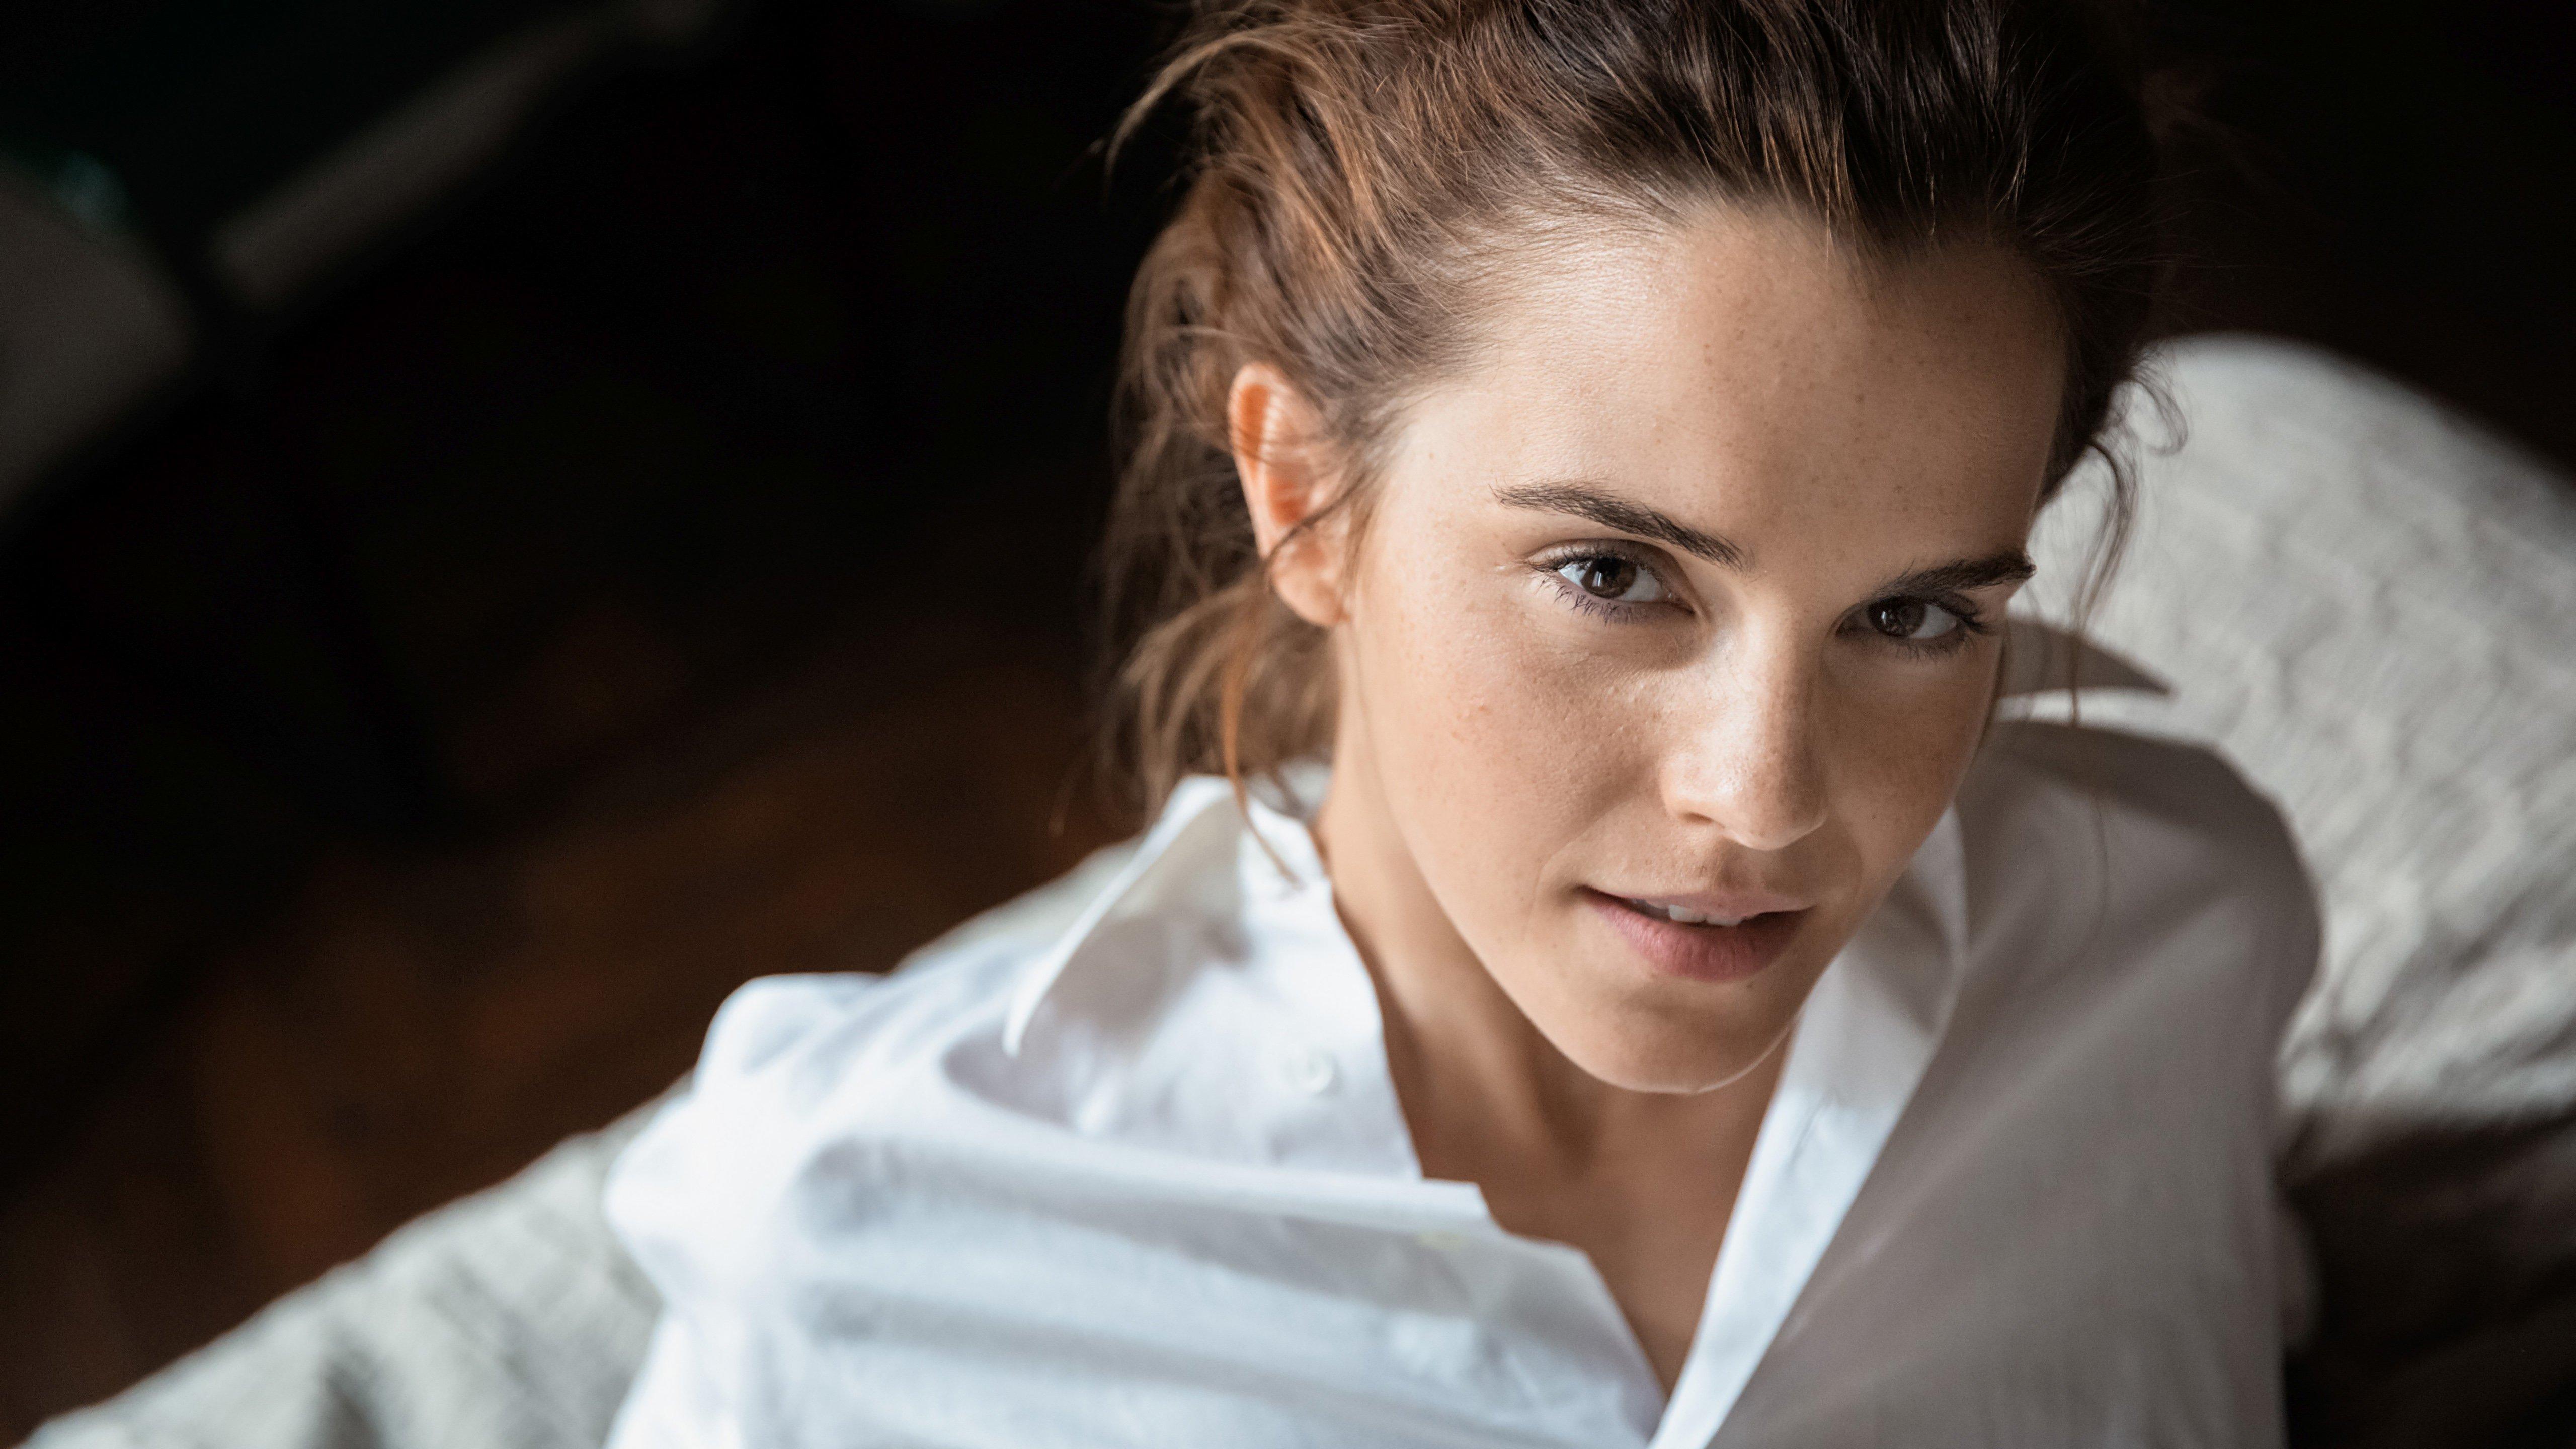 Fondos de pantalla Emma Watson en Película Colonia Dignidad